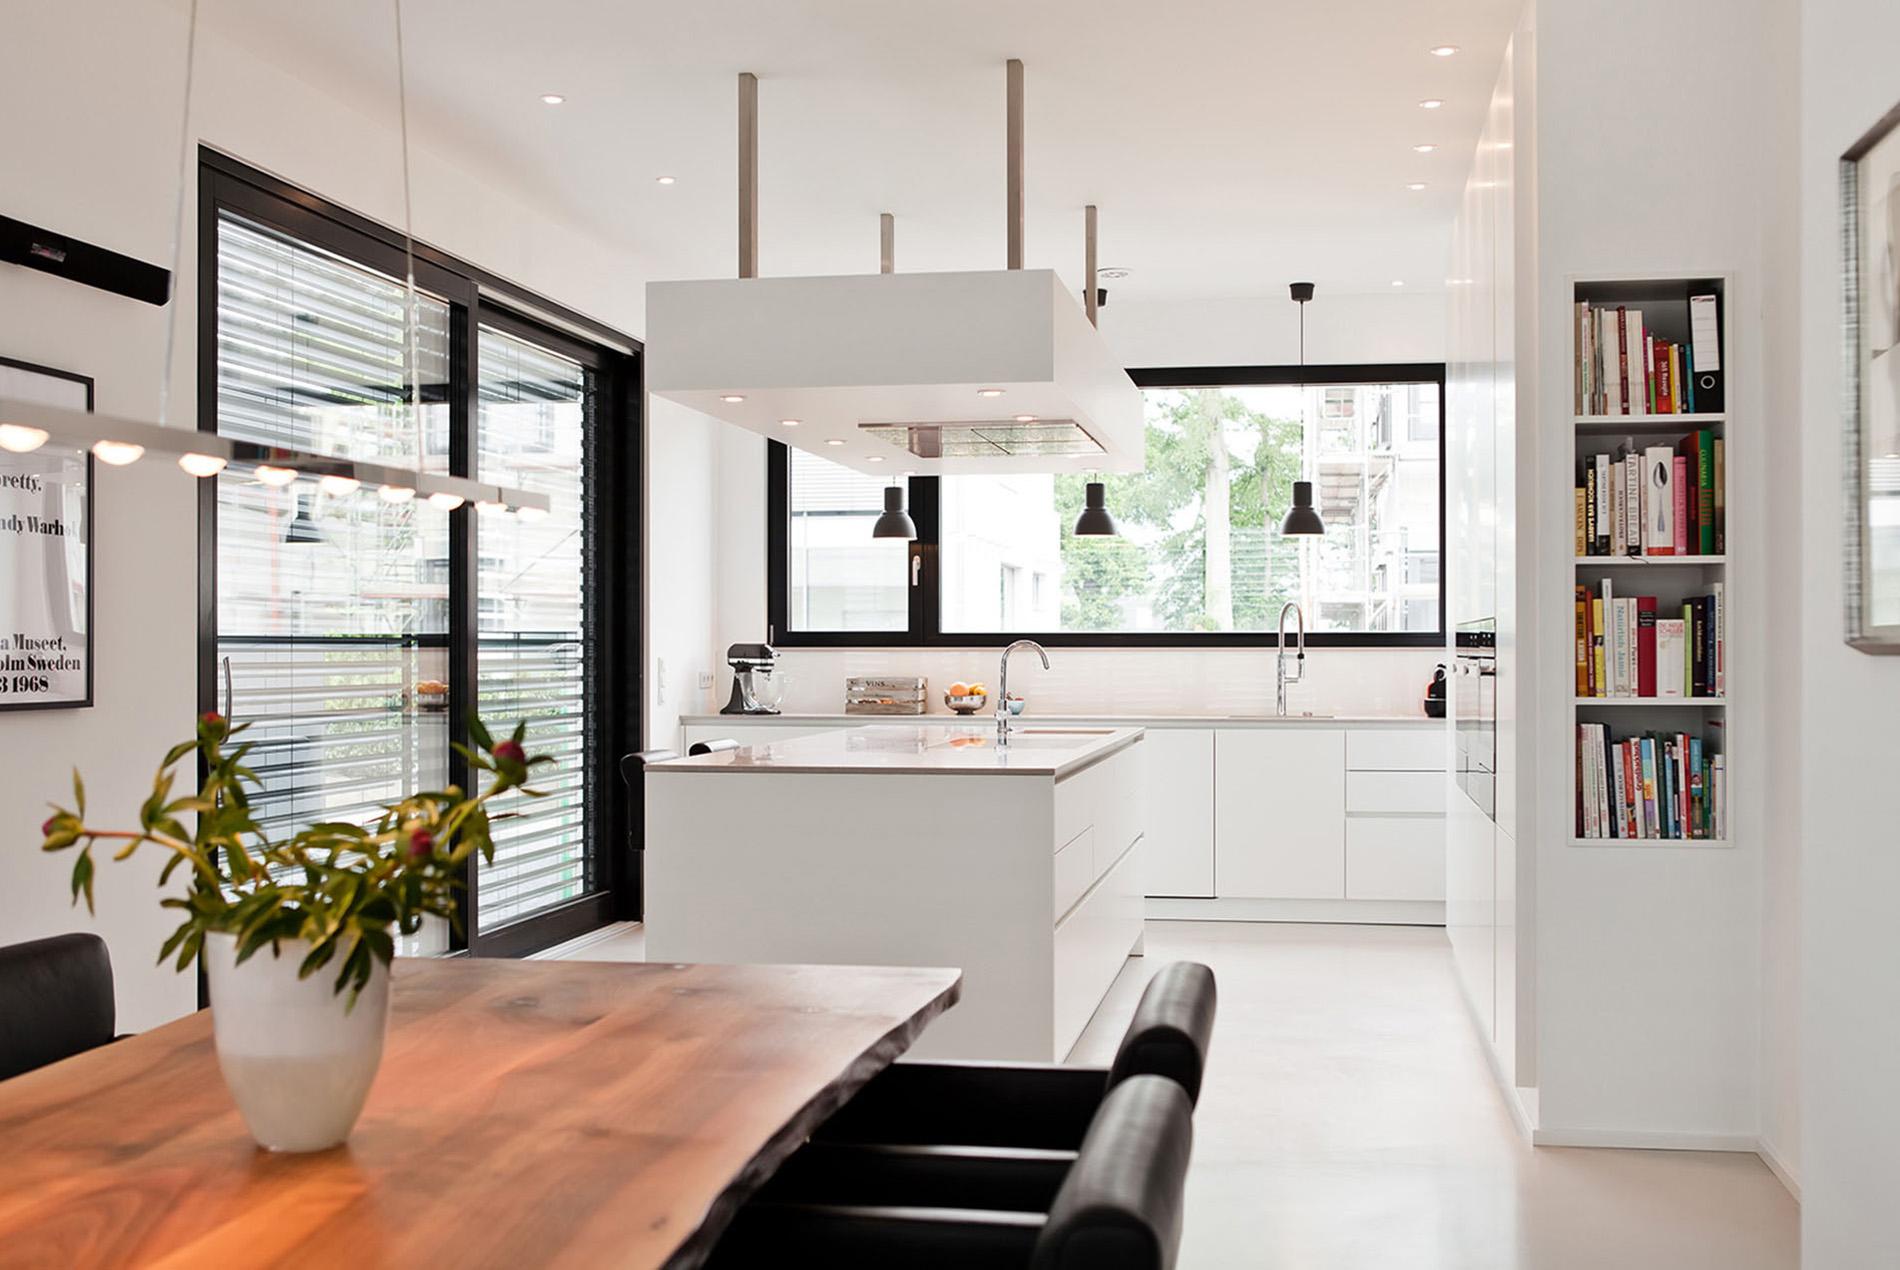 traumk che ganz in wei mit naturstein arbeitsplatte tischlerei sch pker. Black Bedroom Furniture Sets. Home Design Ideas